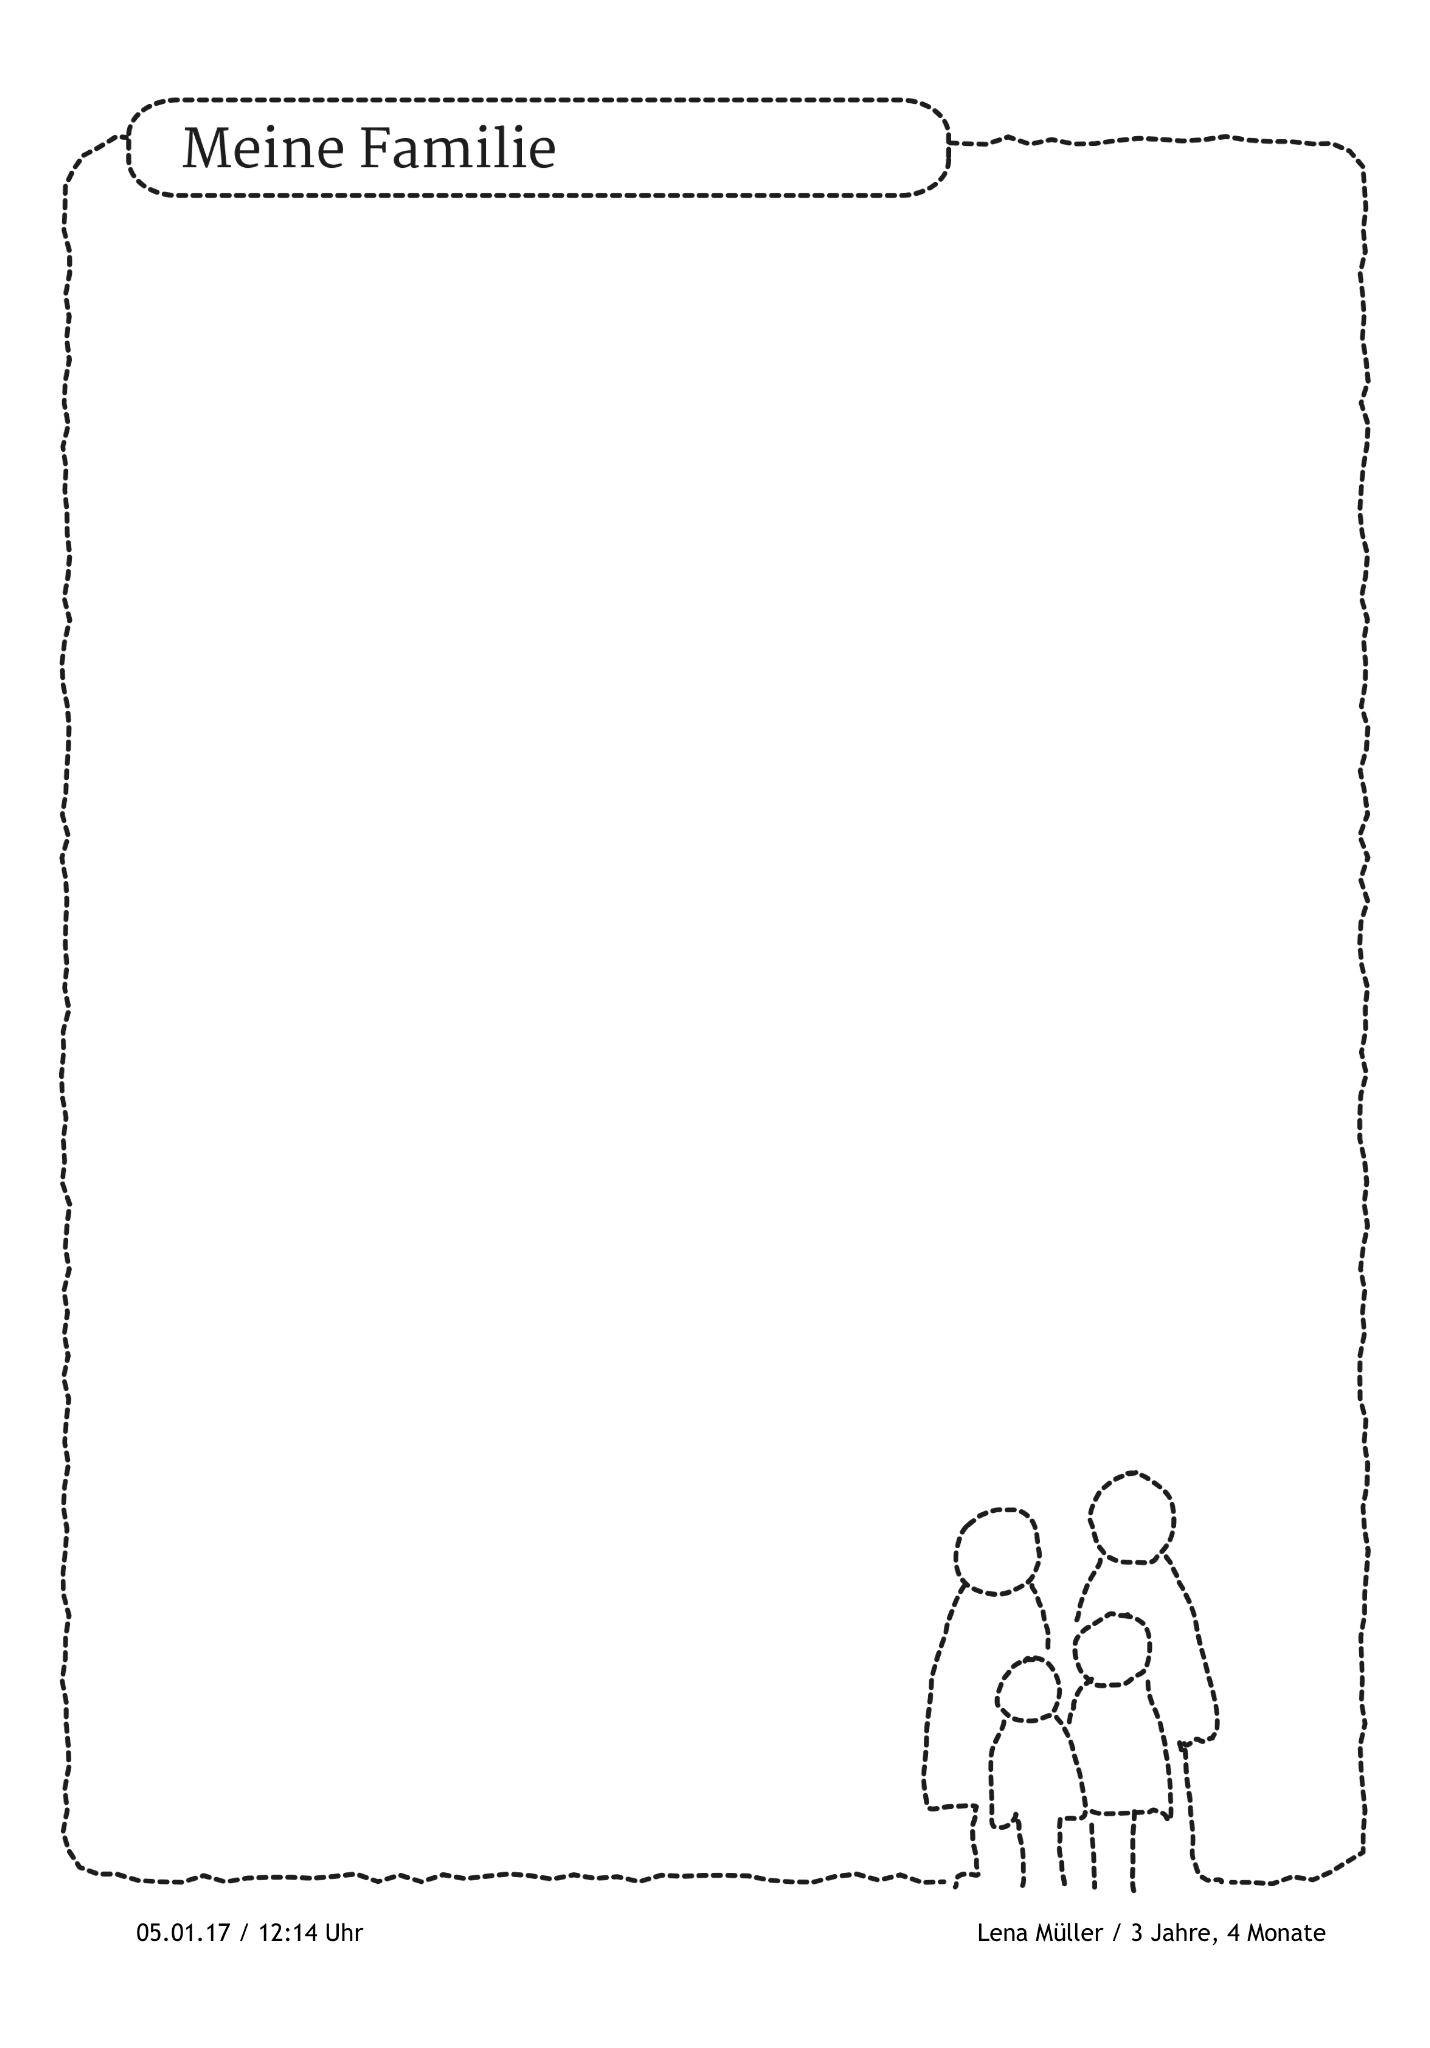 Portfoliovorlage Fur Geschichten Rund Um Die Familie Https Stepfolio De Familie Family Dassindwir Port Portfolio Kindergarten Portfolio Ideen Portfolio